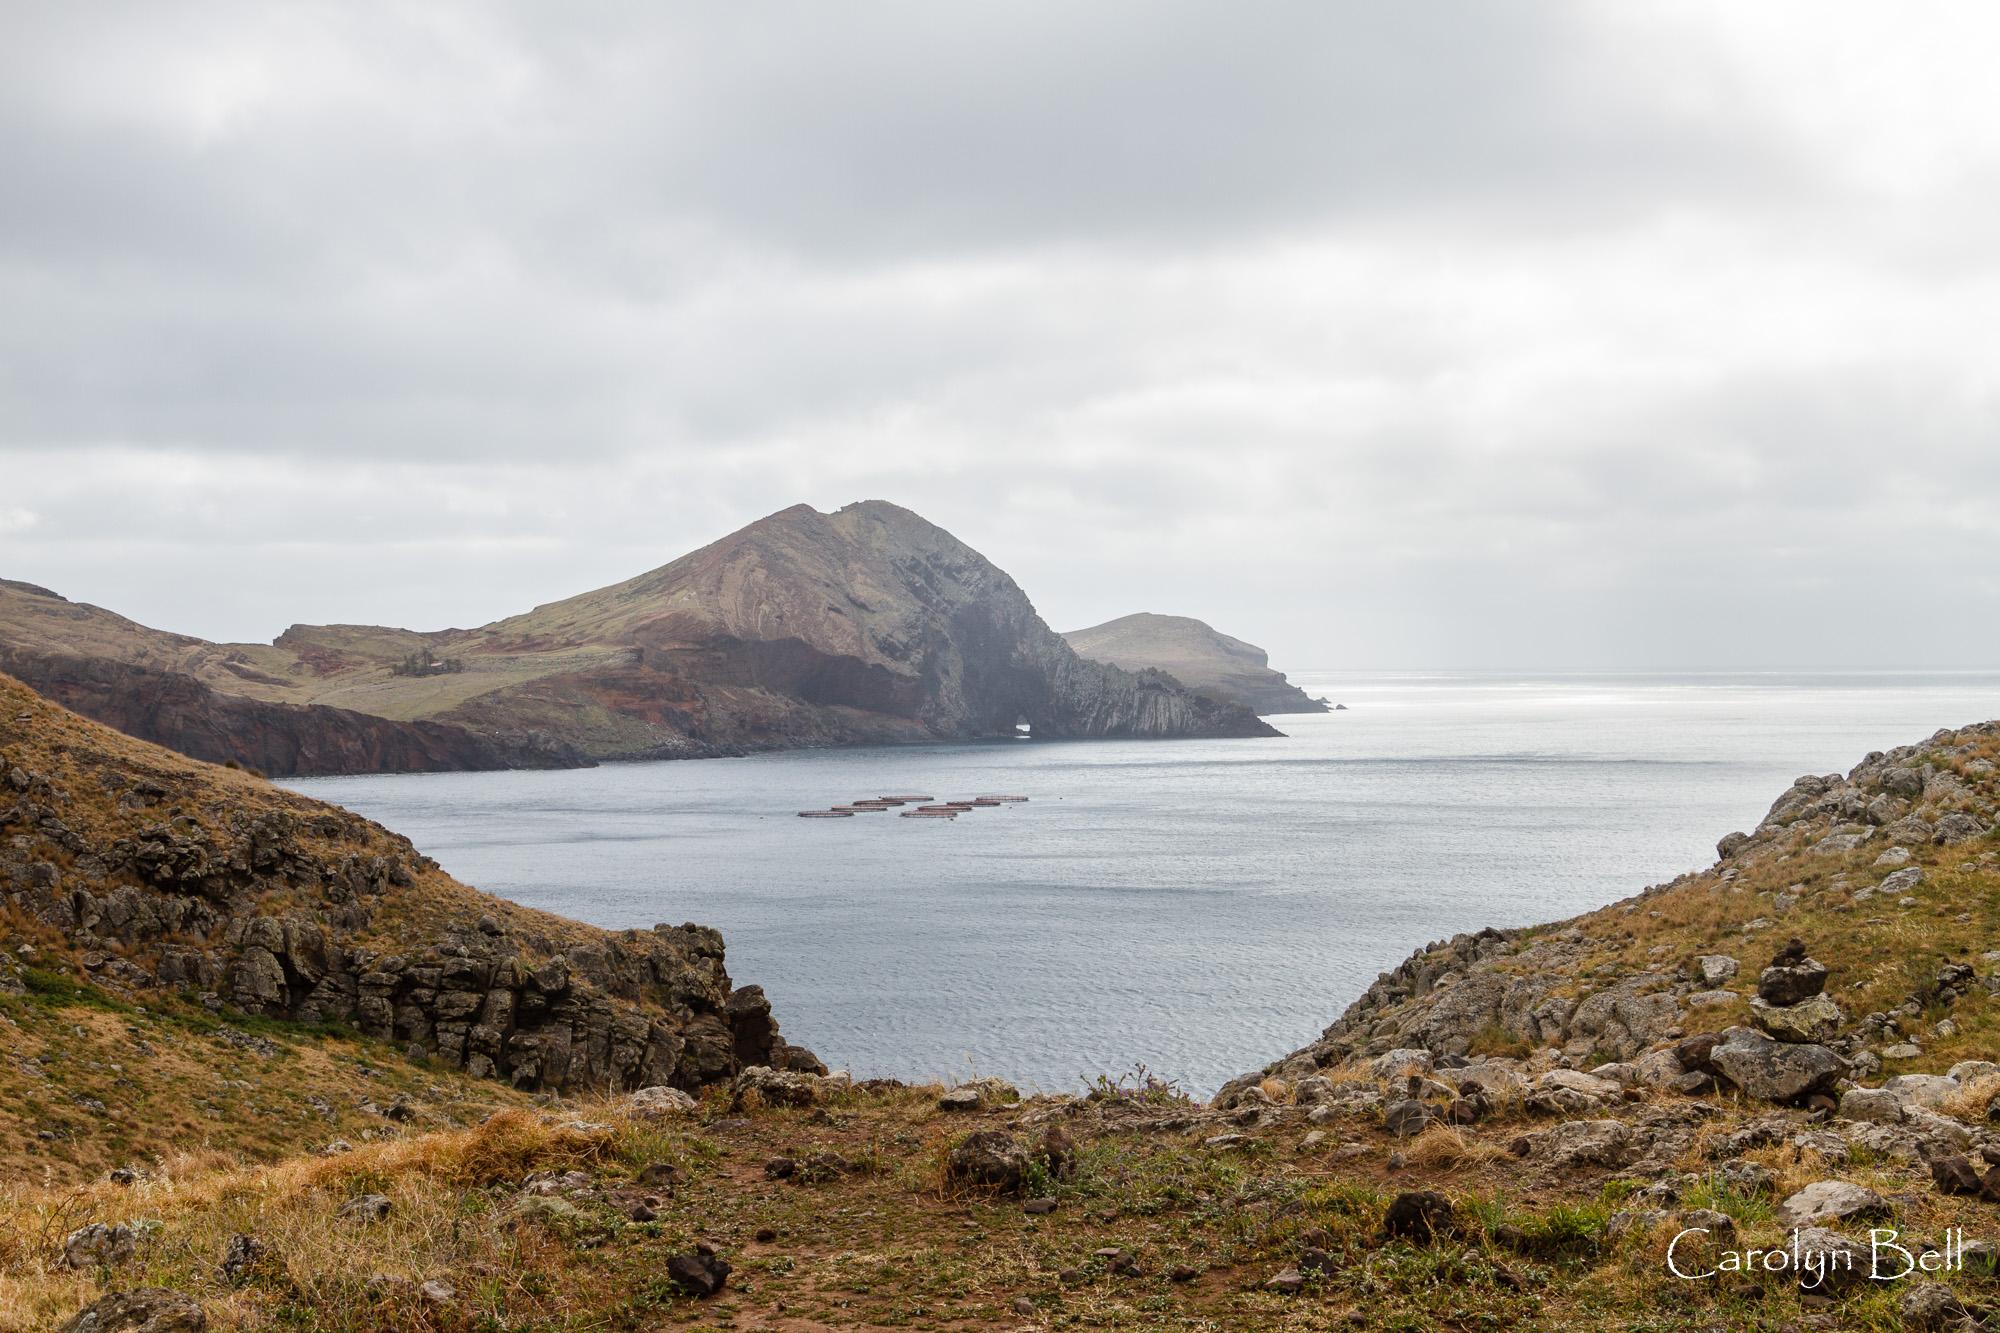 The San Lourenco Peninsula